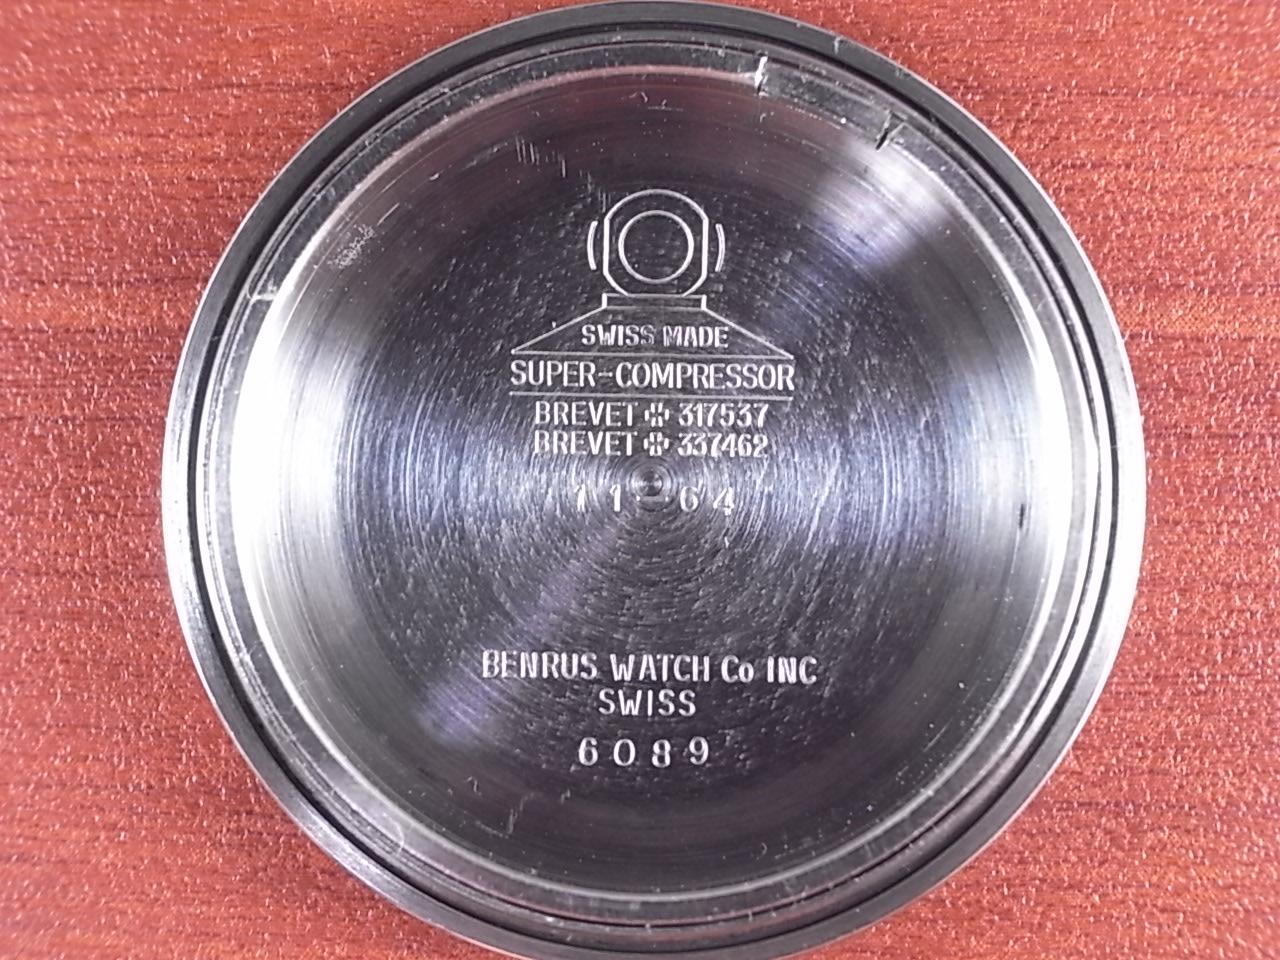 ベンラス ウルトラディープ スーパーコンプレッサー ニアミントコンディション 1960年代の写真6枚目